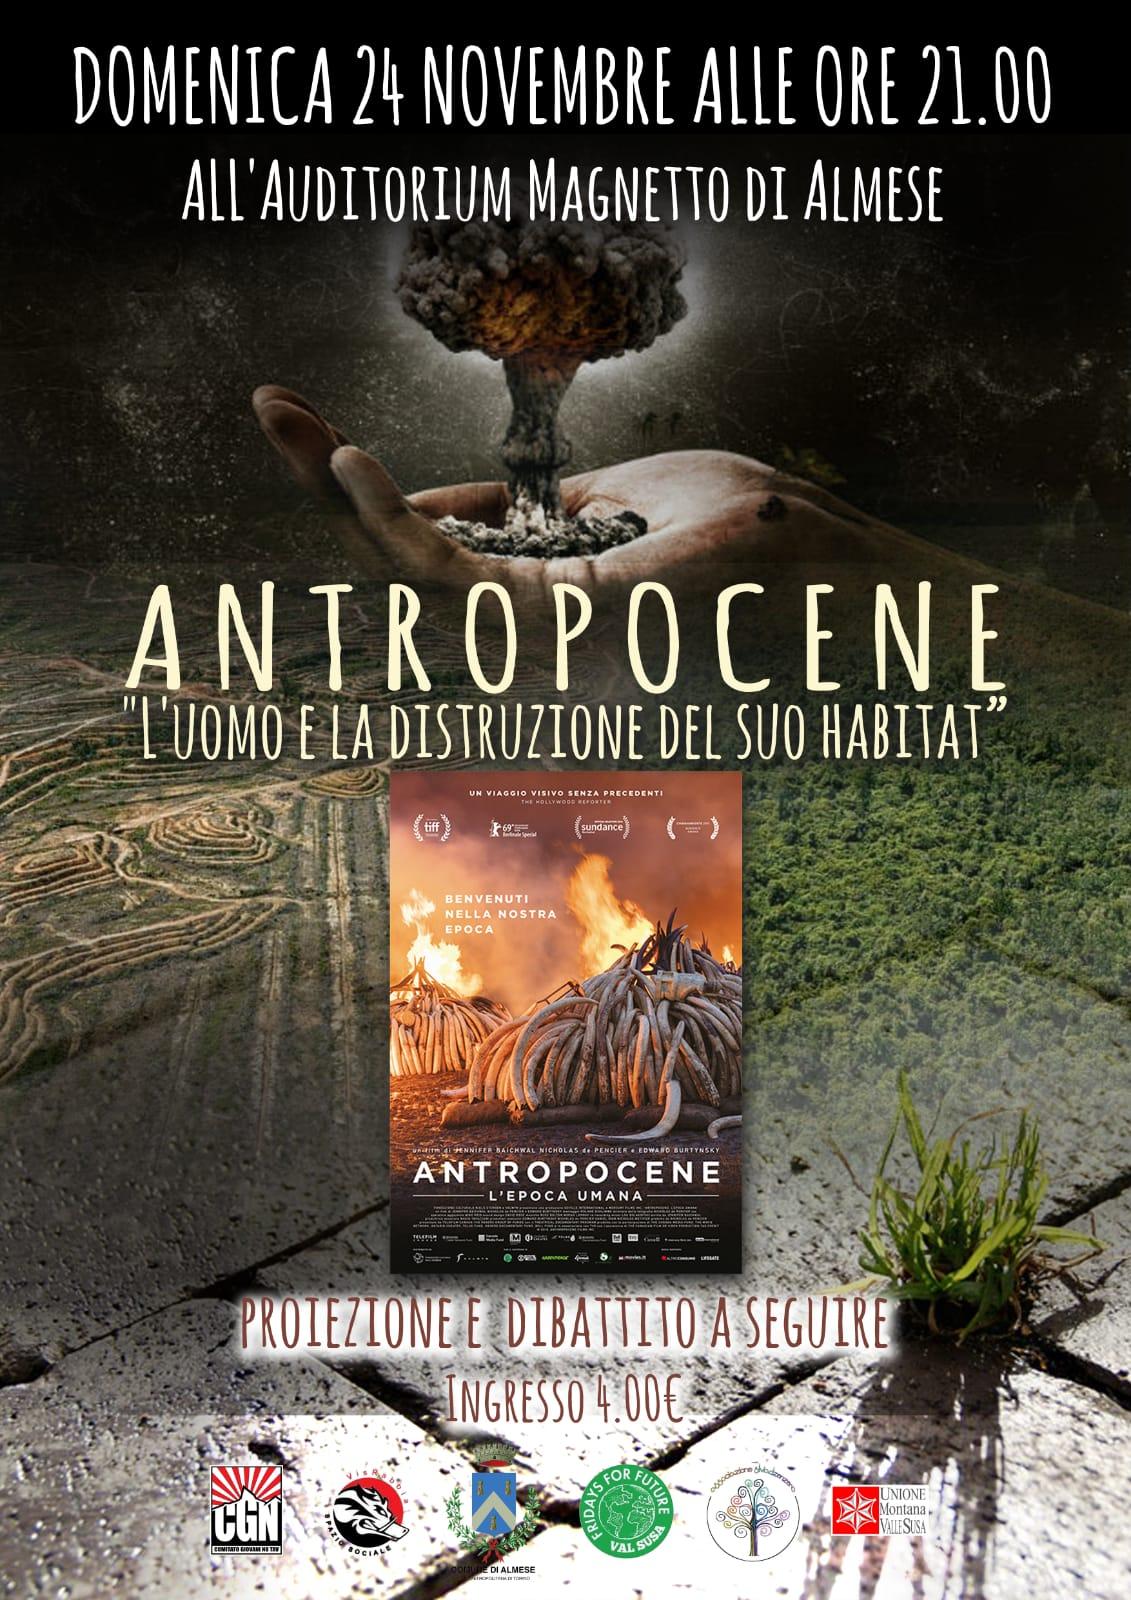 Antropocene, l'epoca umana